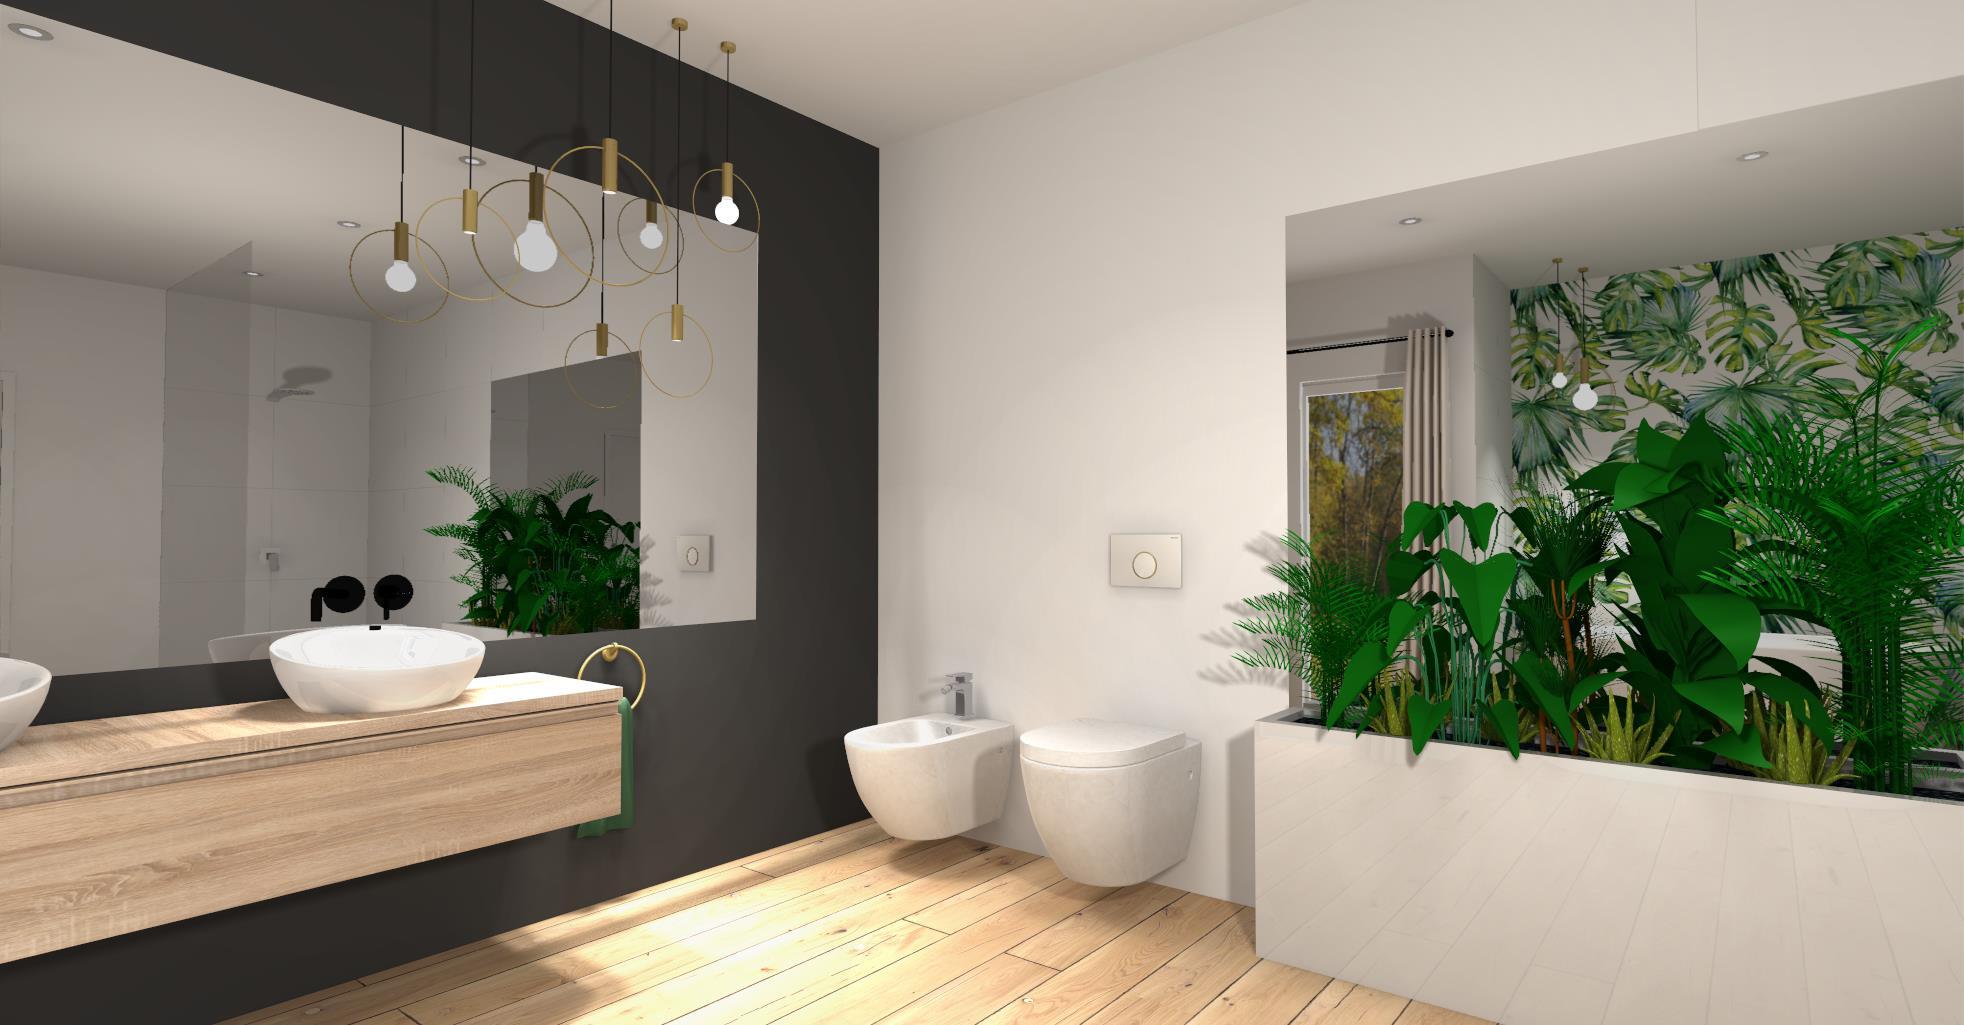 łazienka_3_10_2021